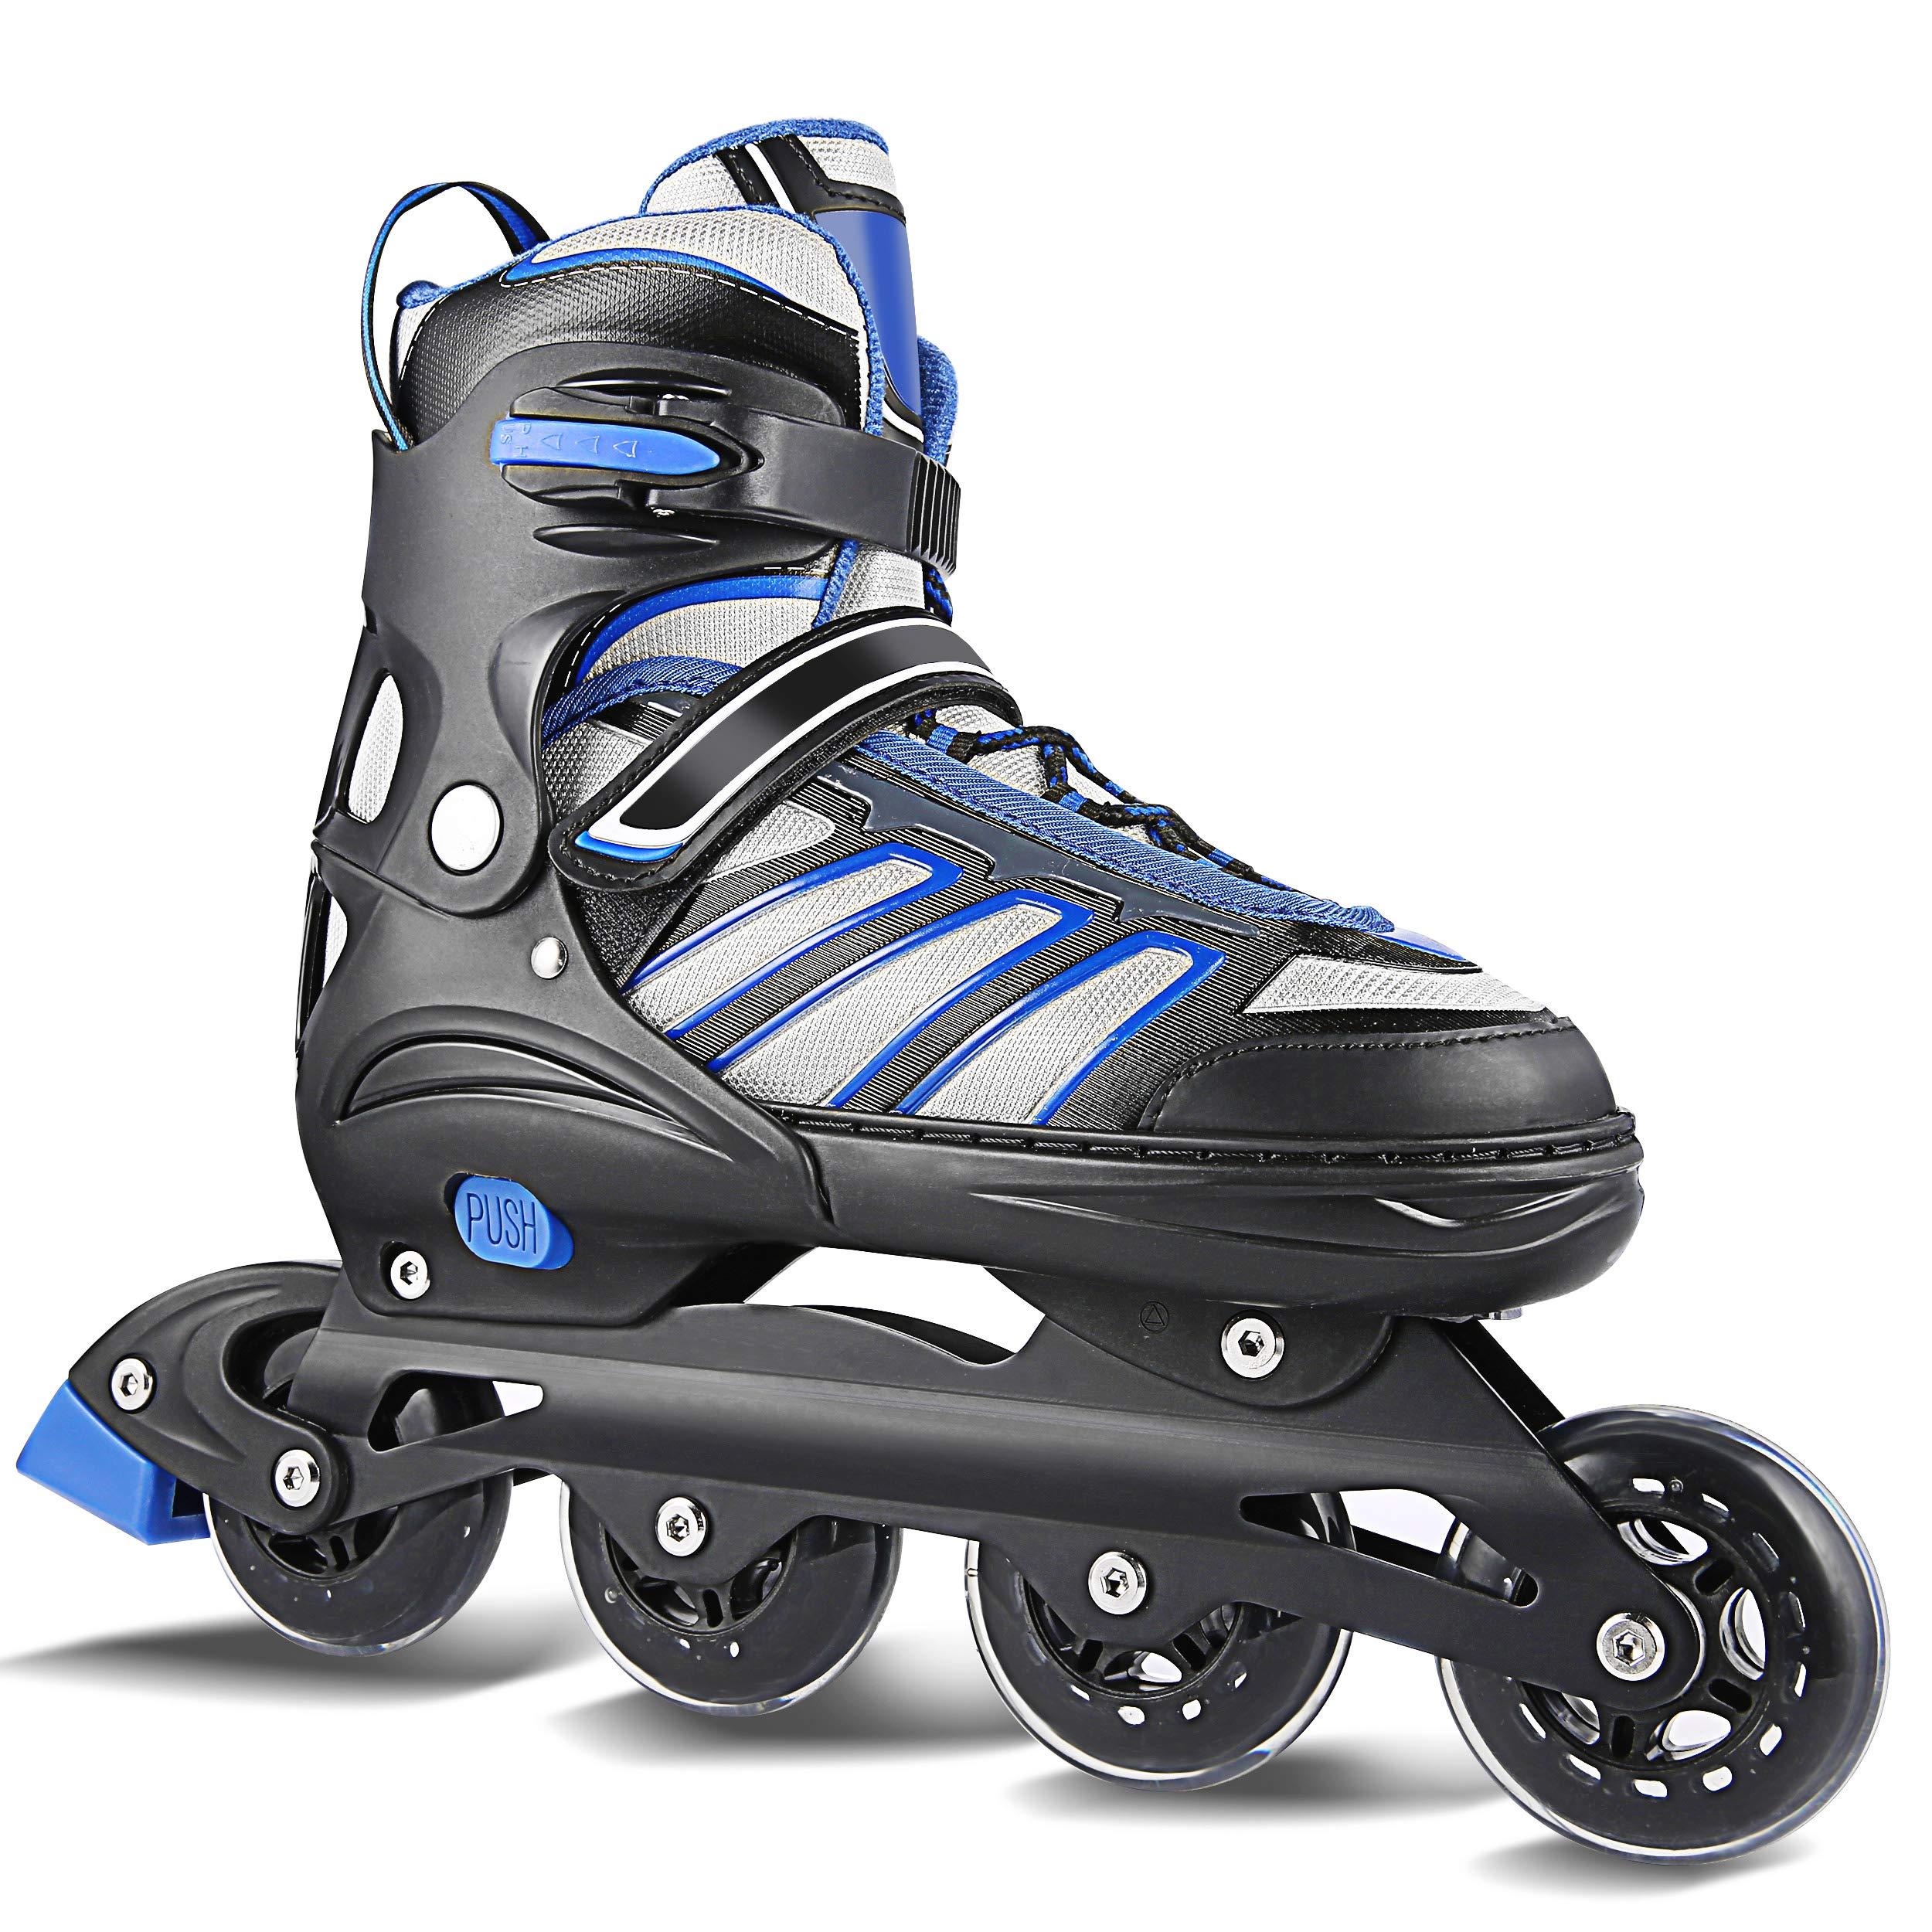 Hikole Inline Skates for Adult Men Women - Adjustable Size Roller Skates - Boy Fitness Breathable Switchable Roller Inline Skates for Beginner-Intermediate